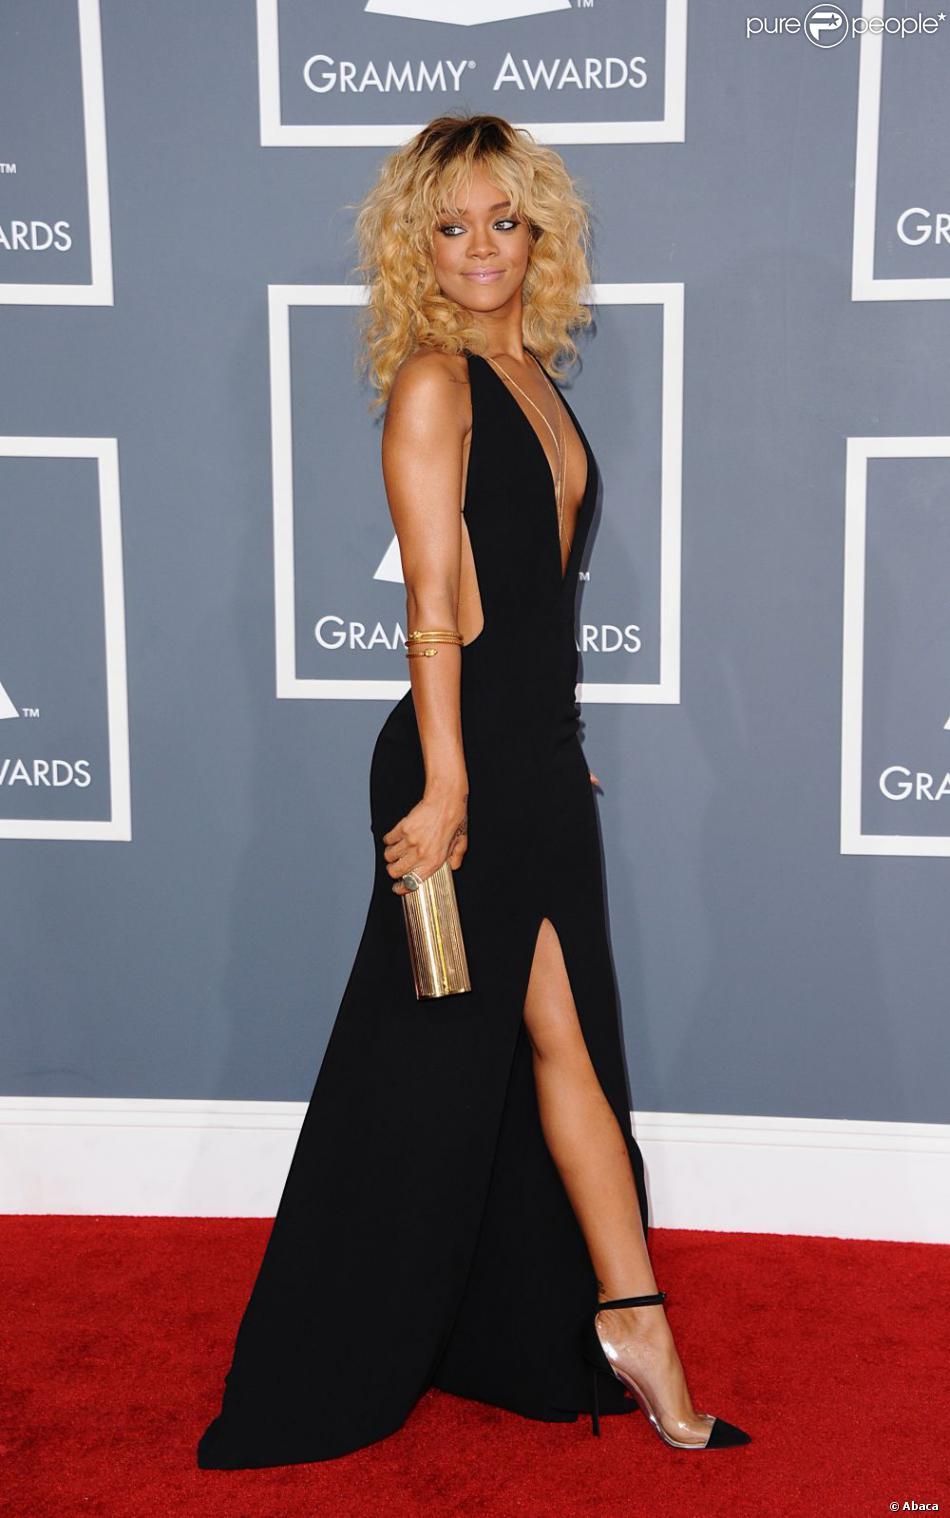 rihanna sur le tapis rouge des grammy awards 2012 en f vrier tait la star la mieux habill e de. Black Bedroom Furniture Sets. Home Design Ideas